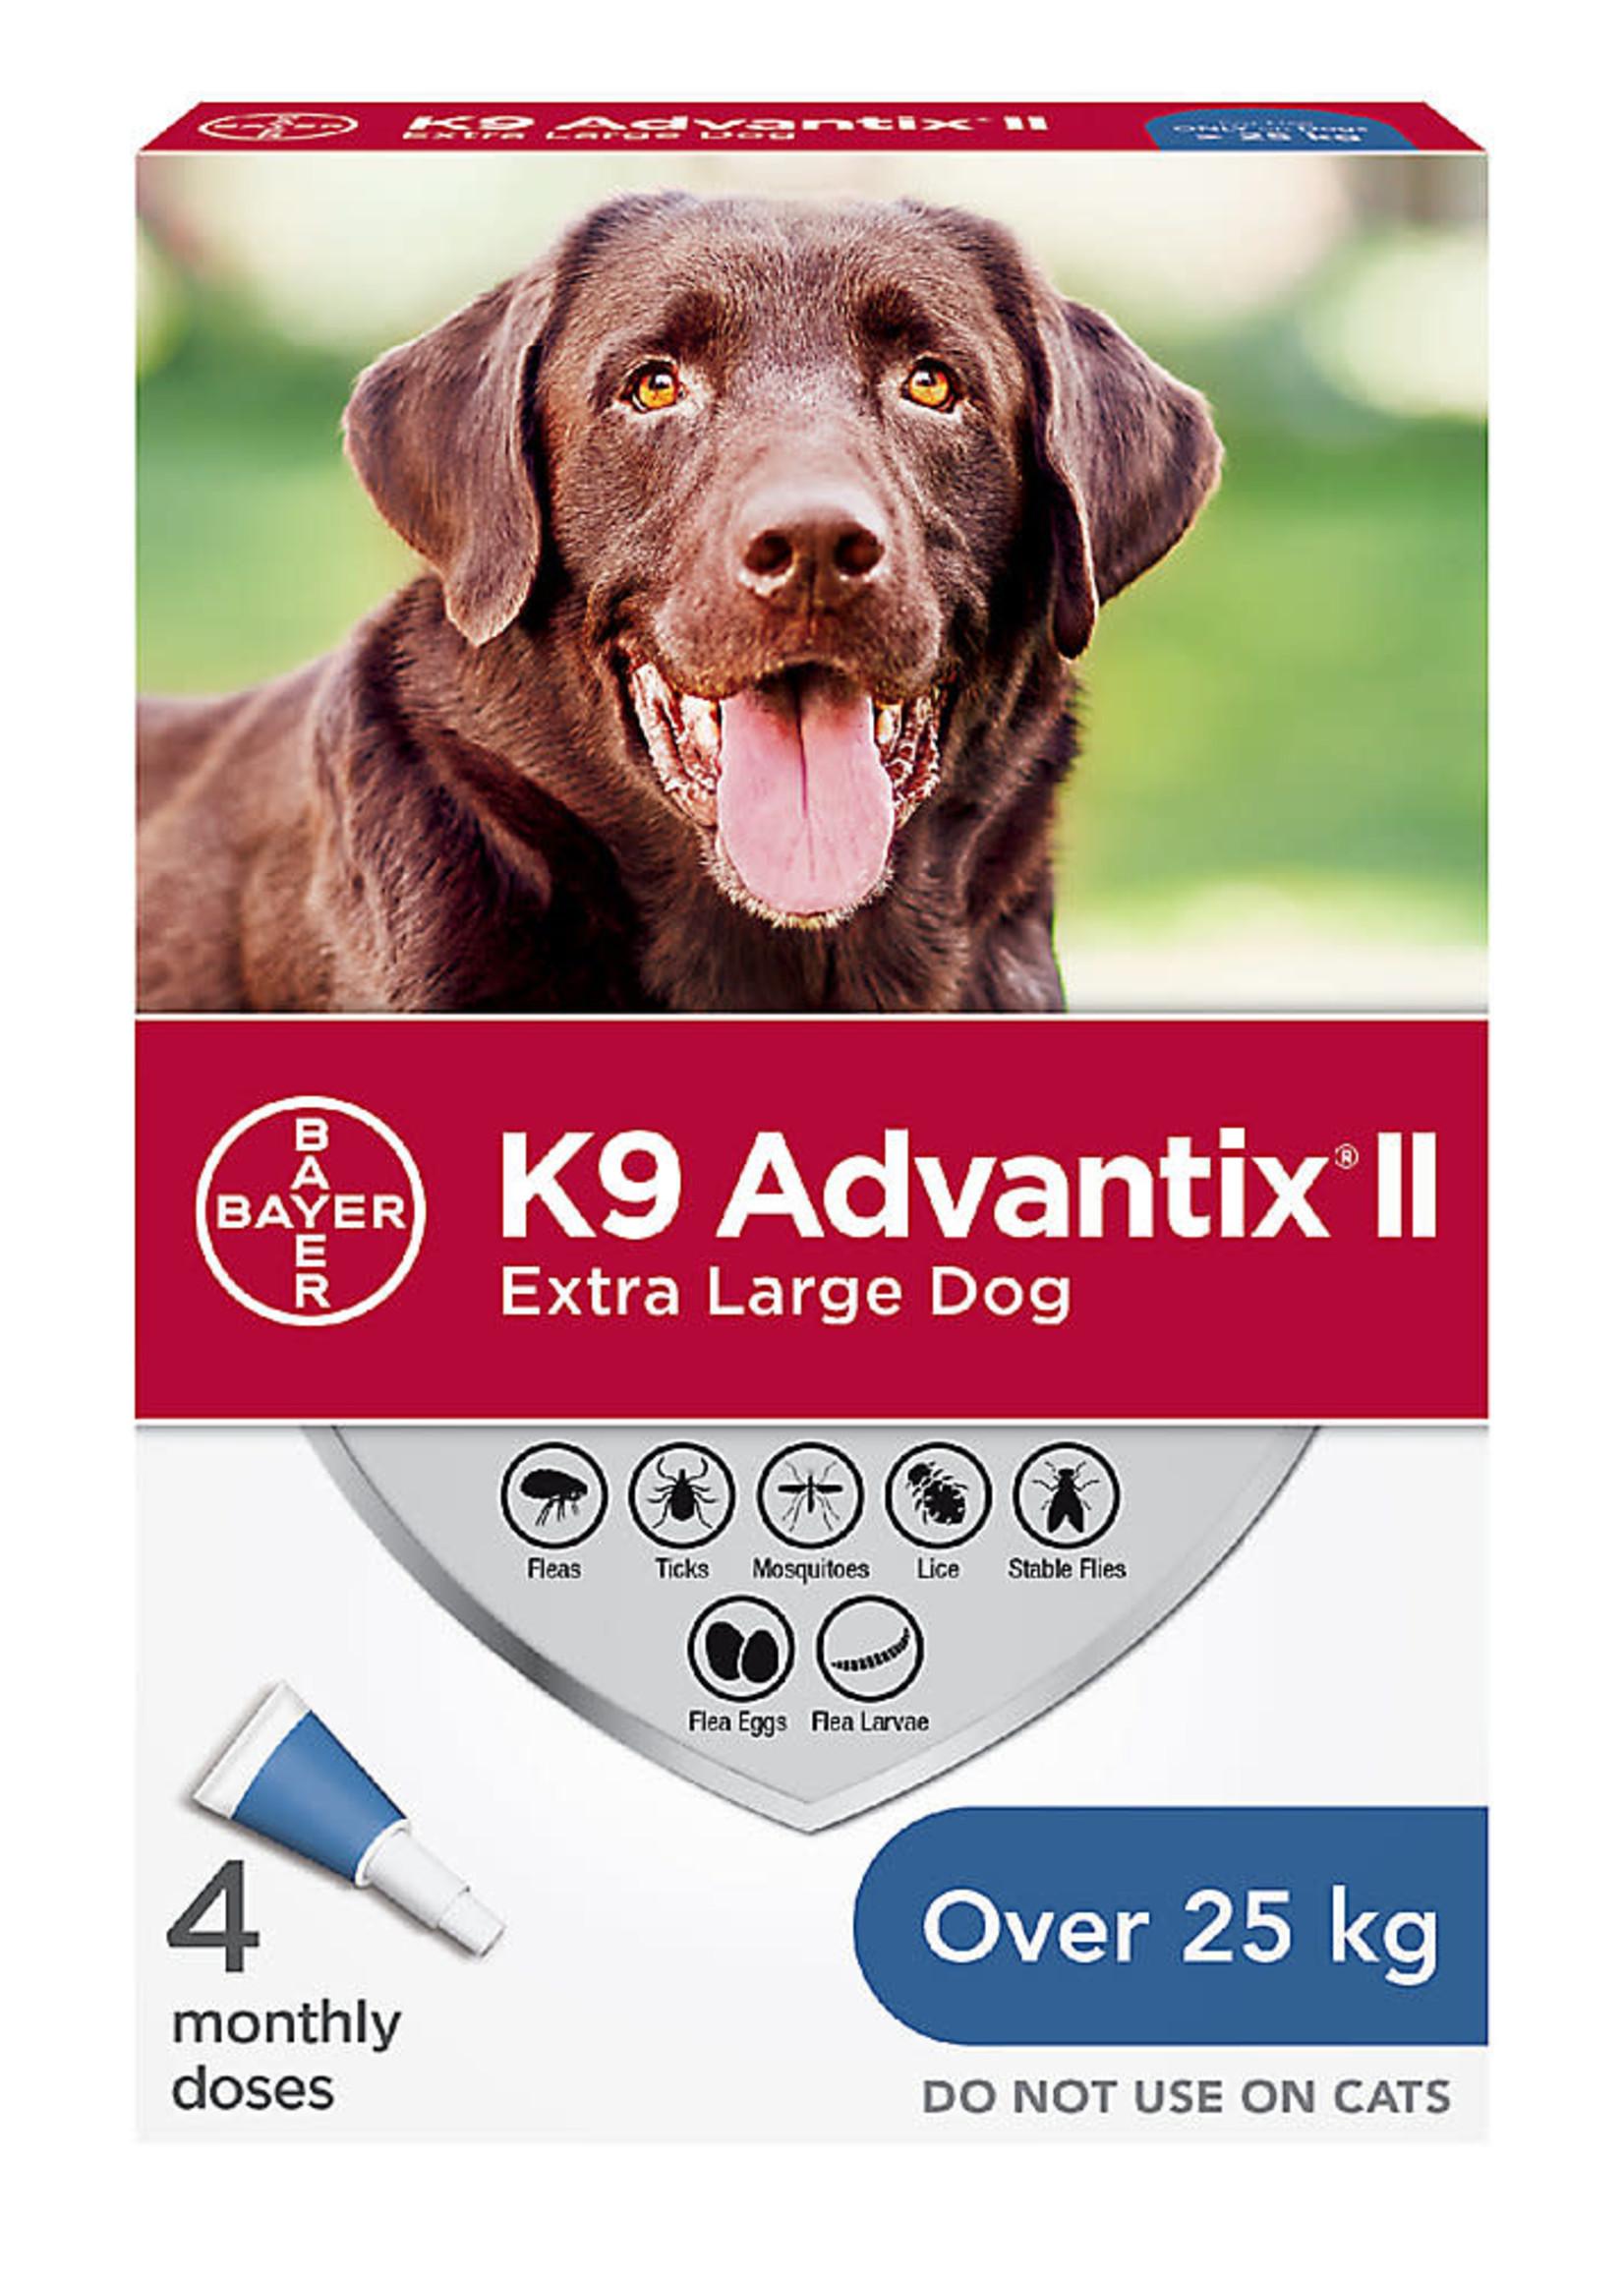 Bayer K9 Advantix® II - Extra Large Dog